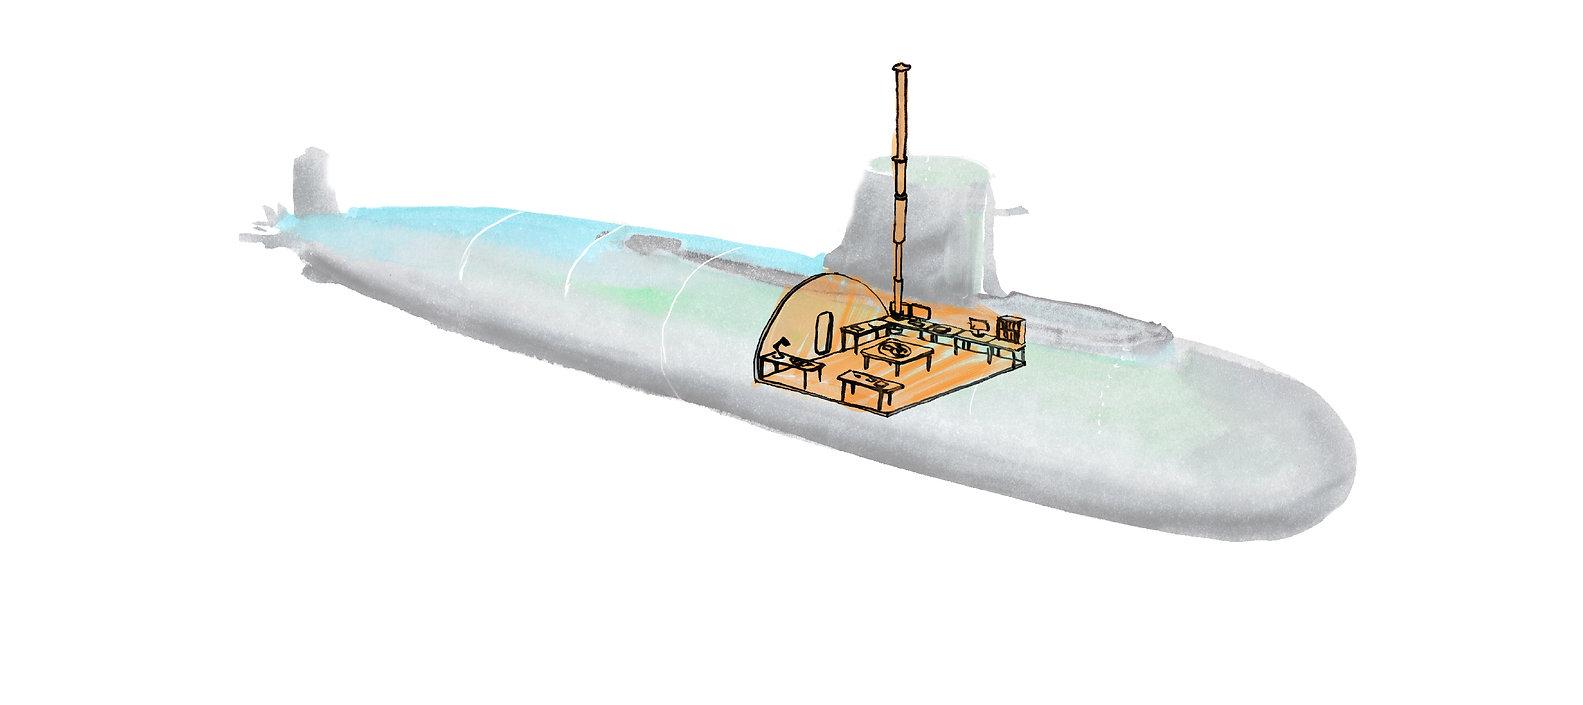 16 Submarino Web periscopio naranja.jpg